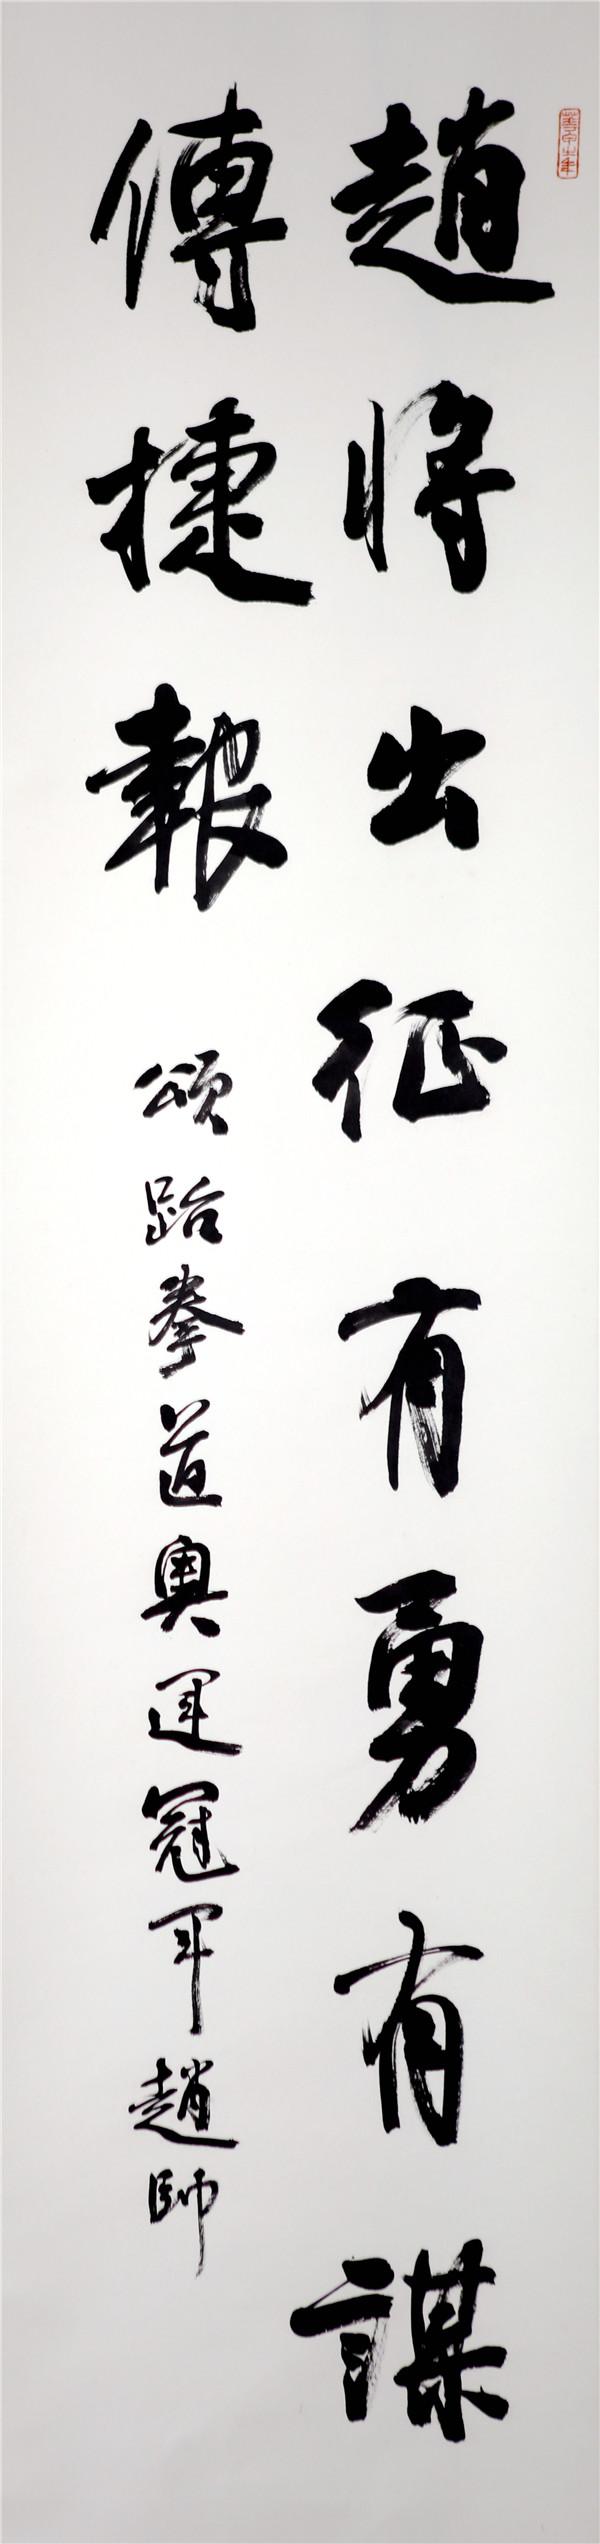 序号368,书录卜用可为江苏奥运冠军赵帅嵌名联